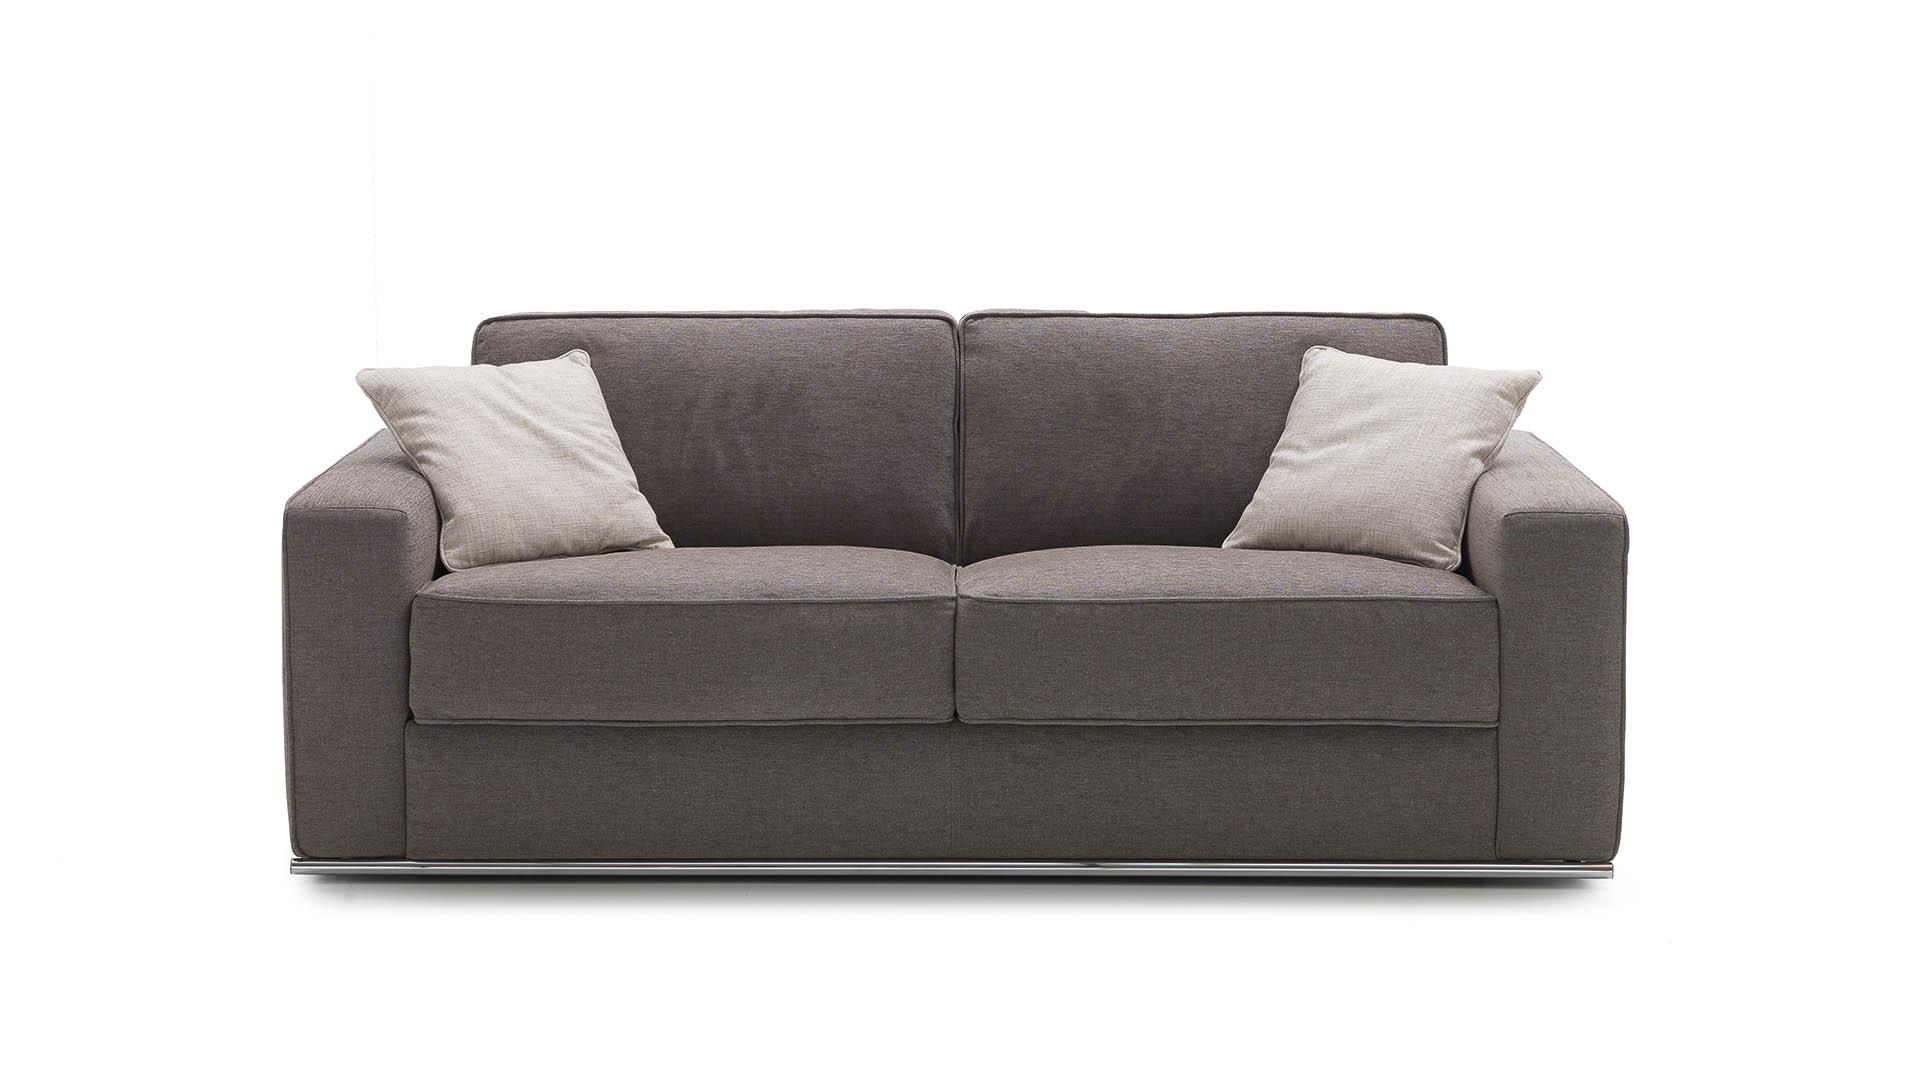 milano bedding divano letto prince. Black Bedroom Furniture Sets. Home Design Ideas